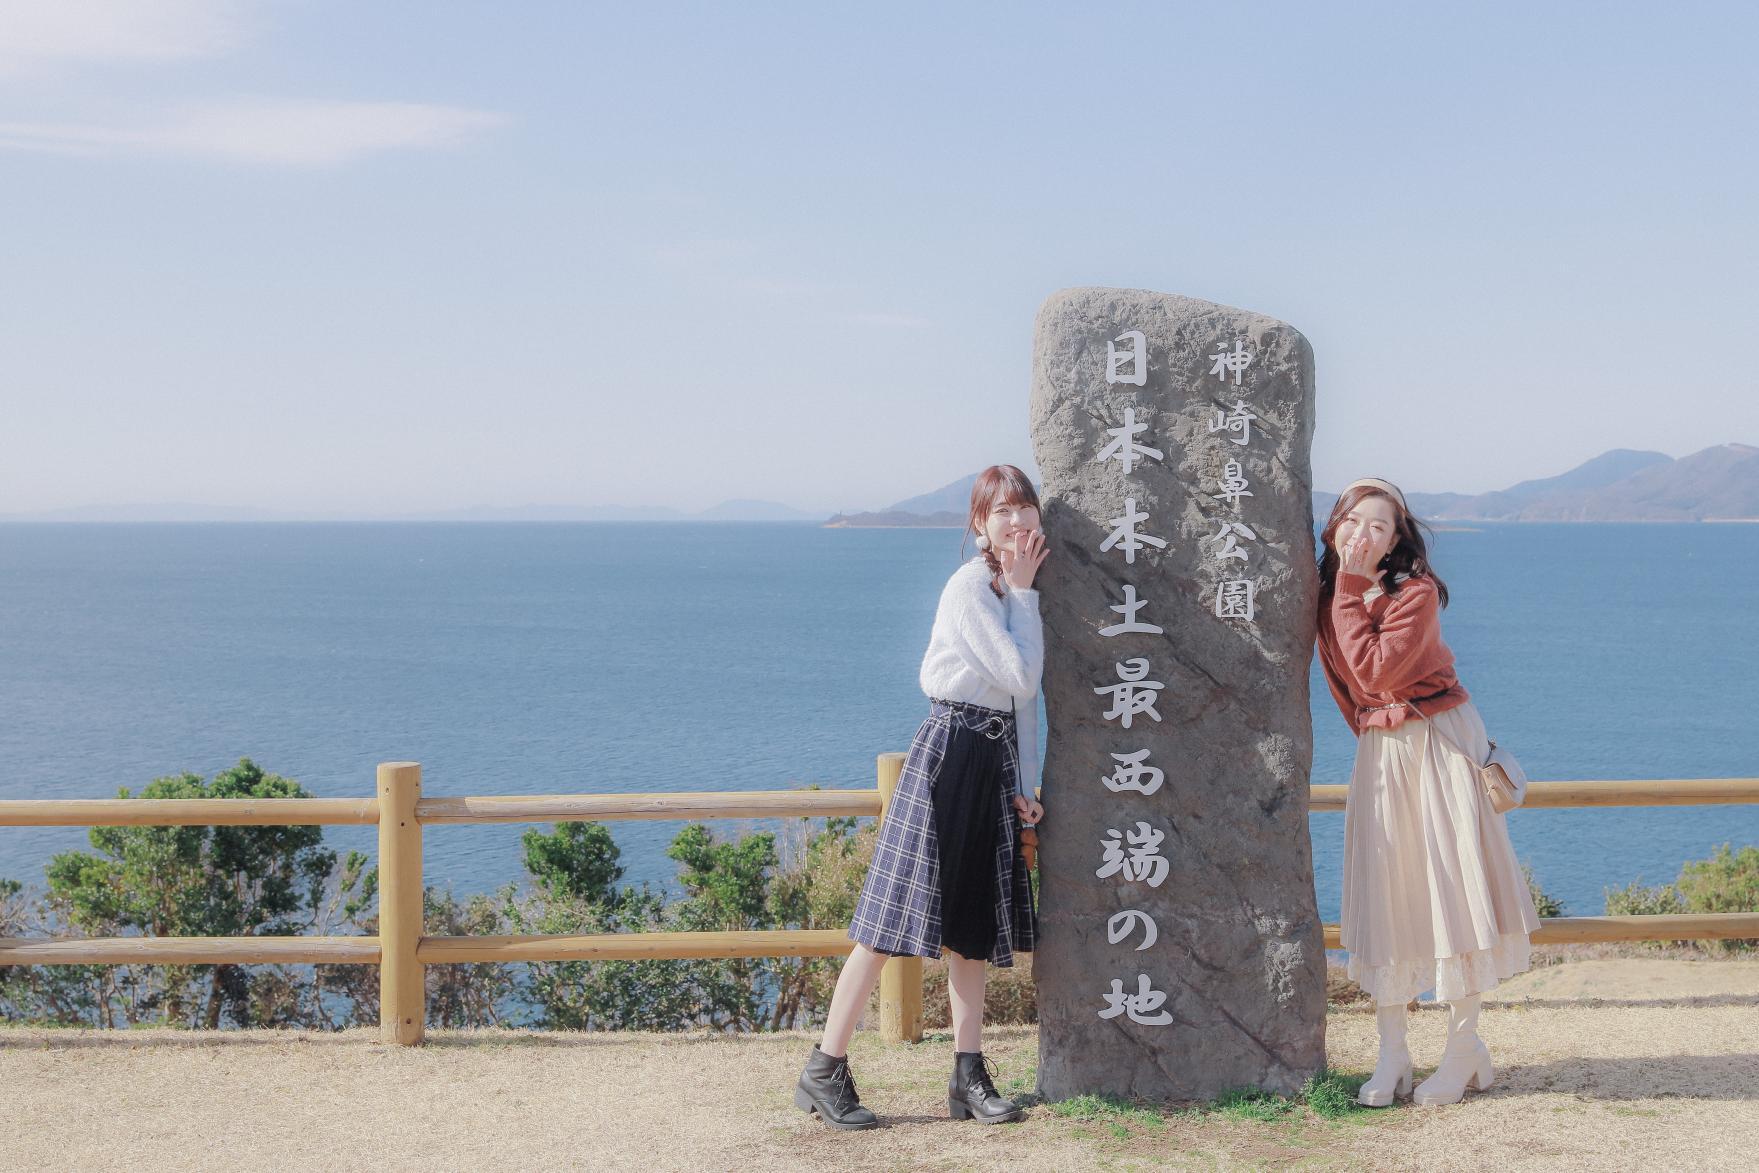 6.五島列島や平戸島を望む絶景!—神崎鼻公園(こうざきばなこうえん)—-0